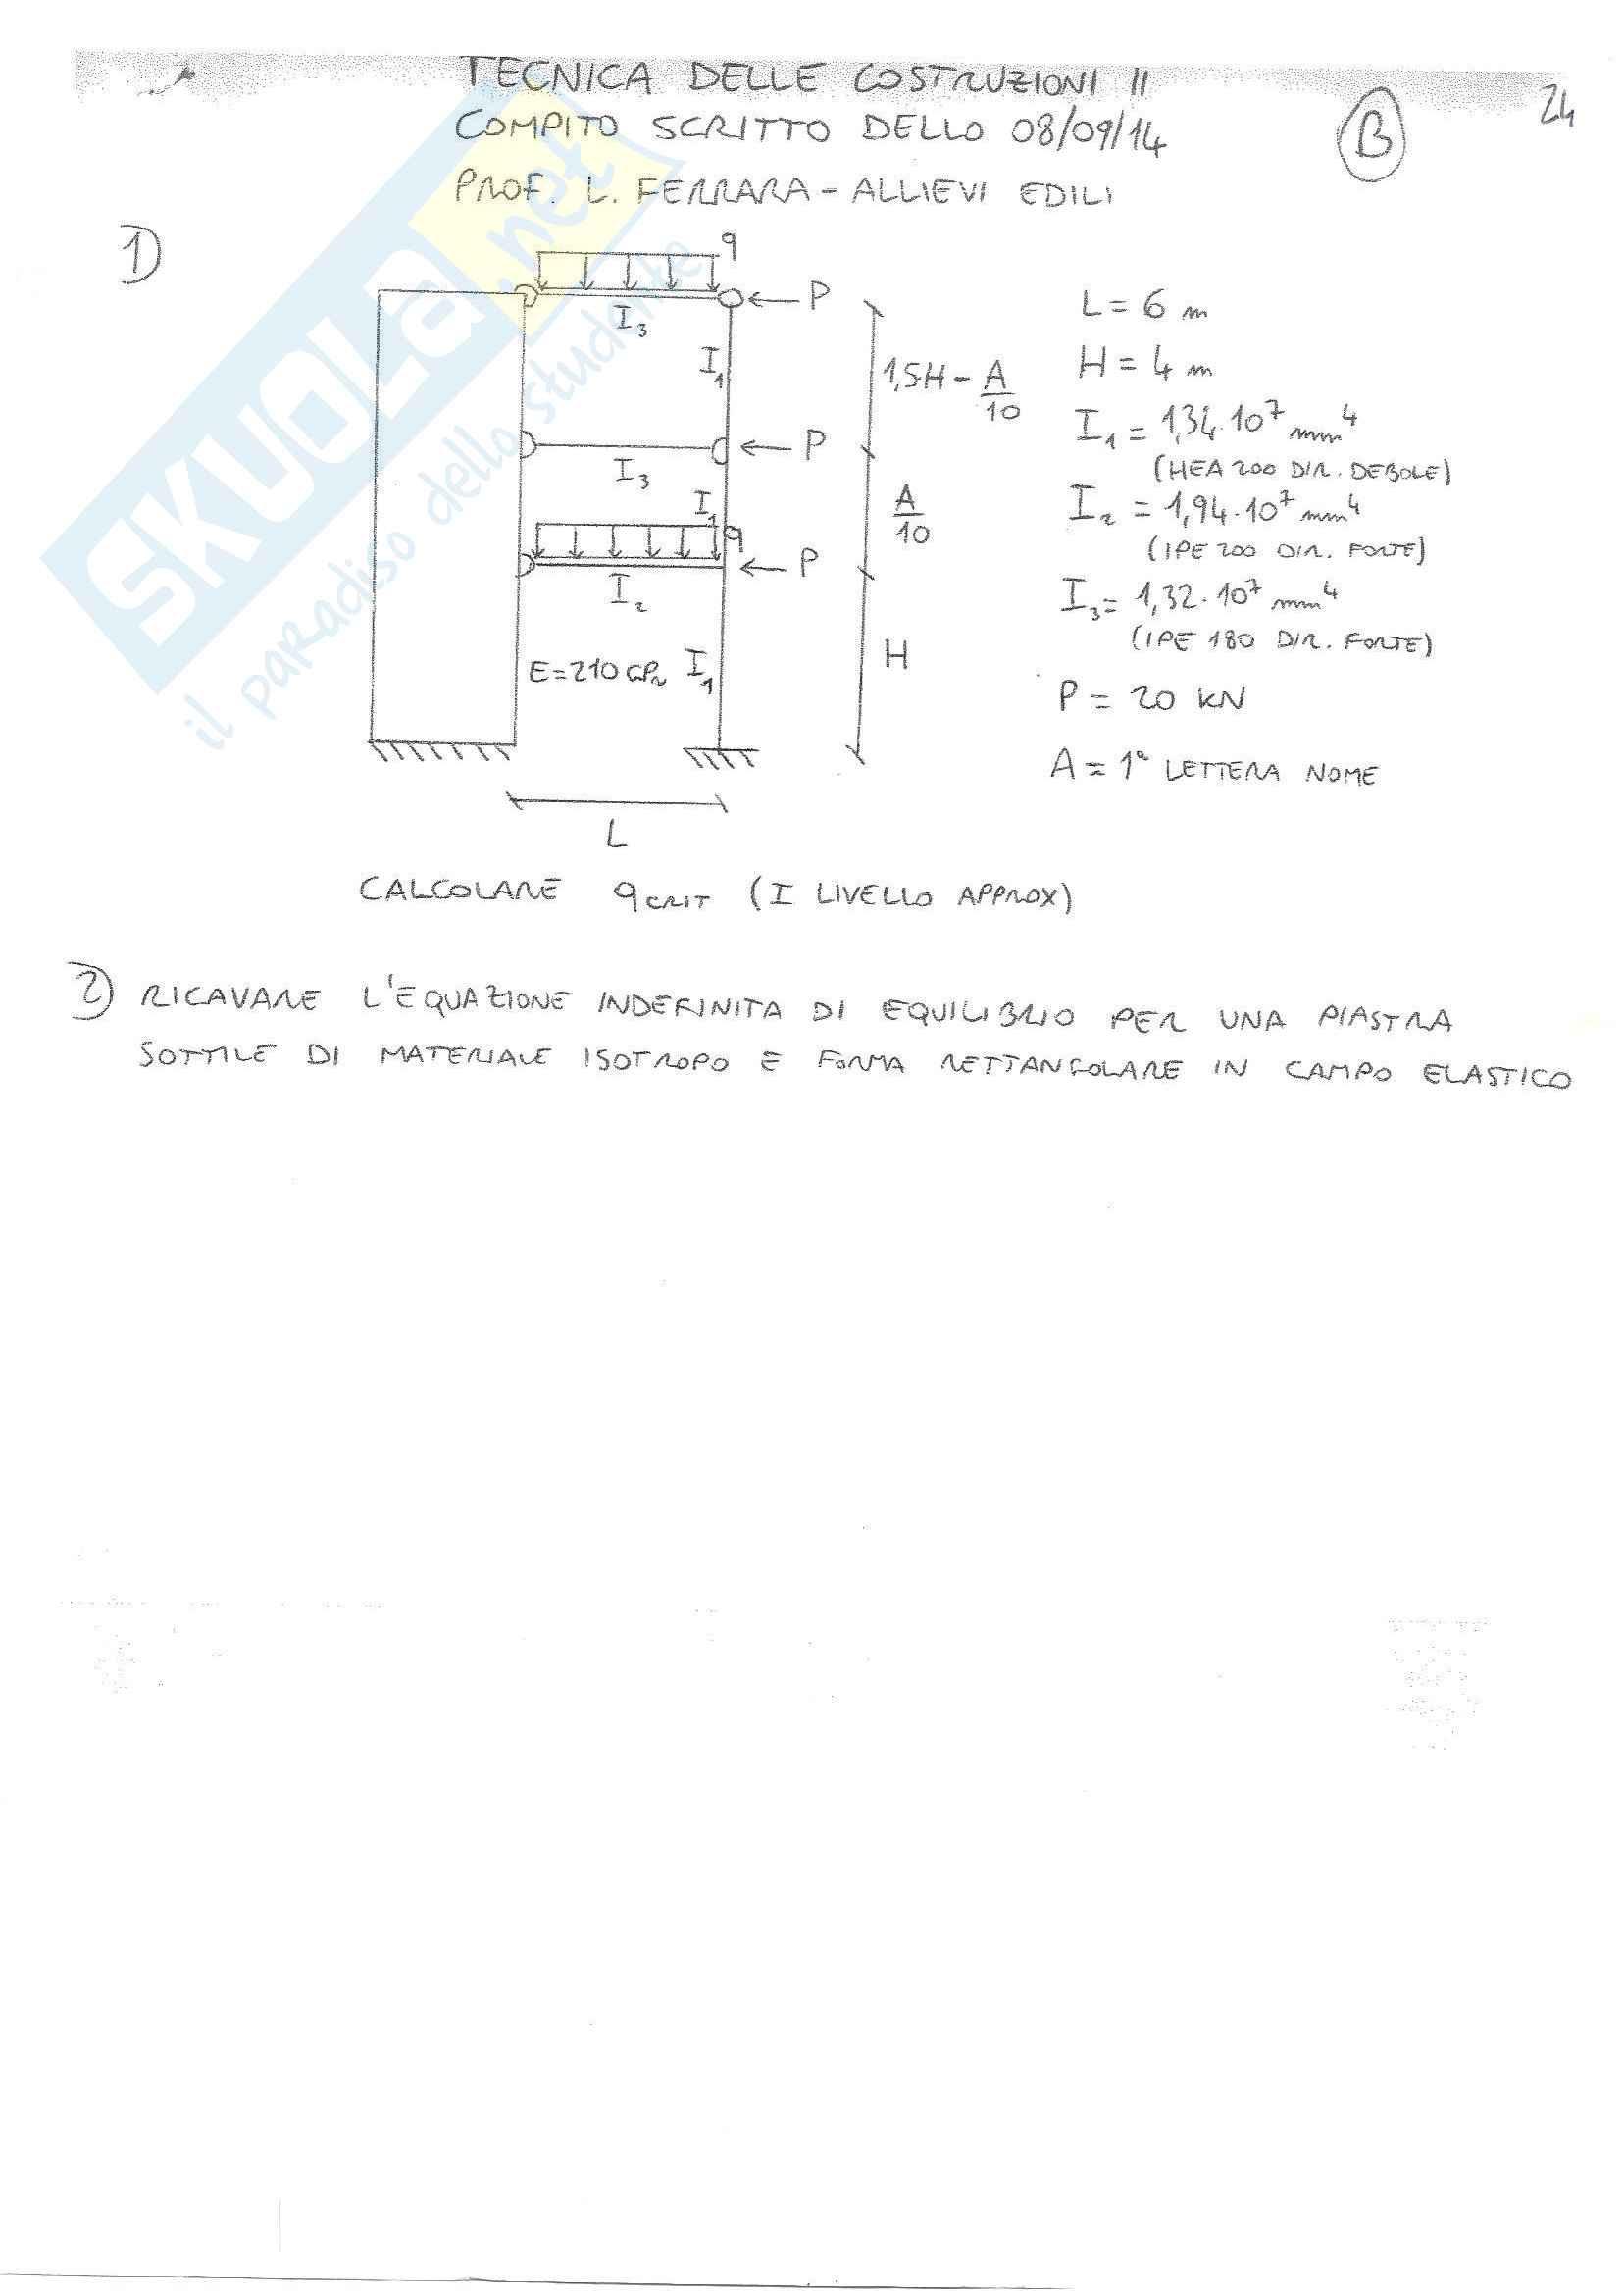 Tecnica delle Costruzioni II - Temi D'Esame C (SVOLTI)